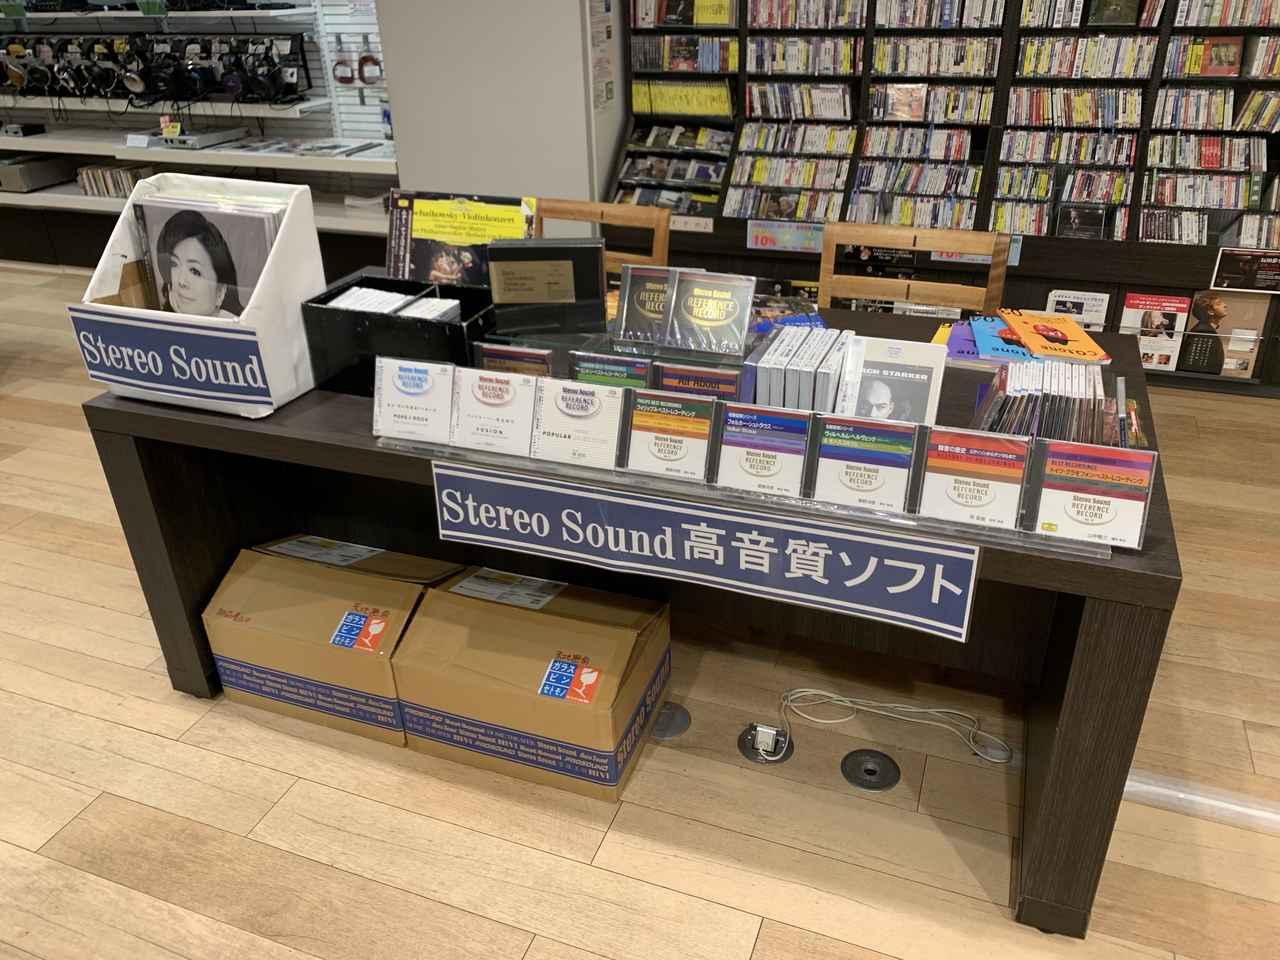 画像: 札幌・時計台前のキャビン大阪屋1階のソフト売場に設定された、ステレオサウンドコーナー(期間限定、現在は開催されていません) www.stereosound-store.jp